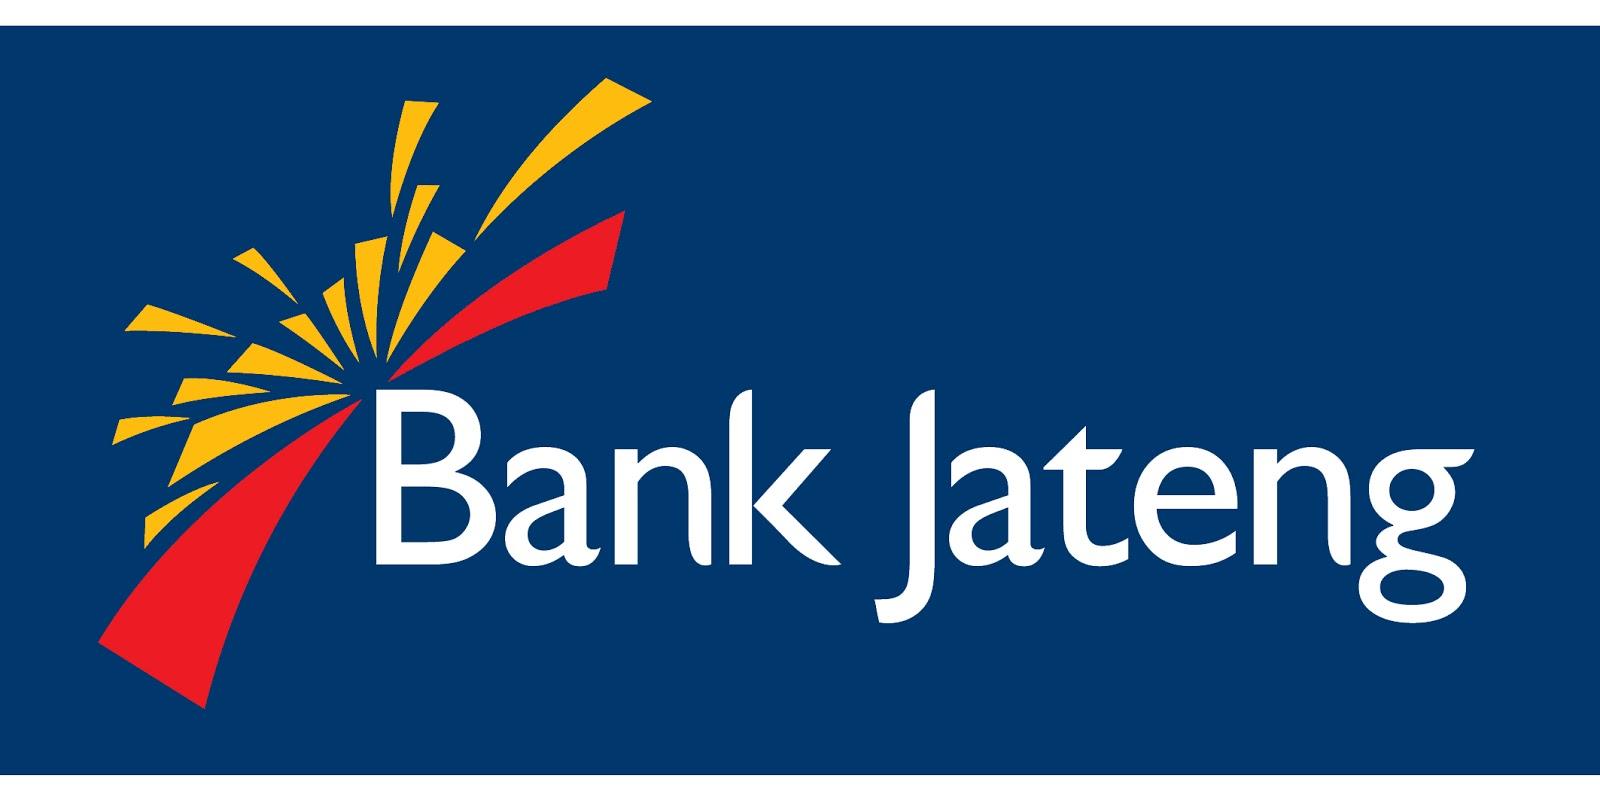 Lowongan Bpd Jateng Februari 2013 Lowongan Bpd Jateng 2013 Loker 2016 Bank Pembangunan Daerah Jawa Tengah Pertama Kali Didirikan Di Semarang